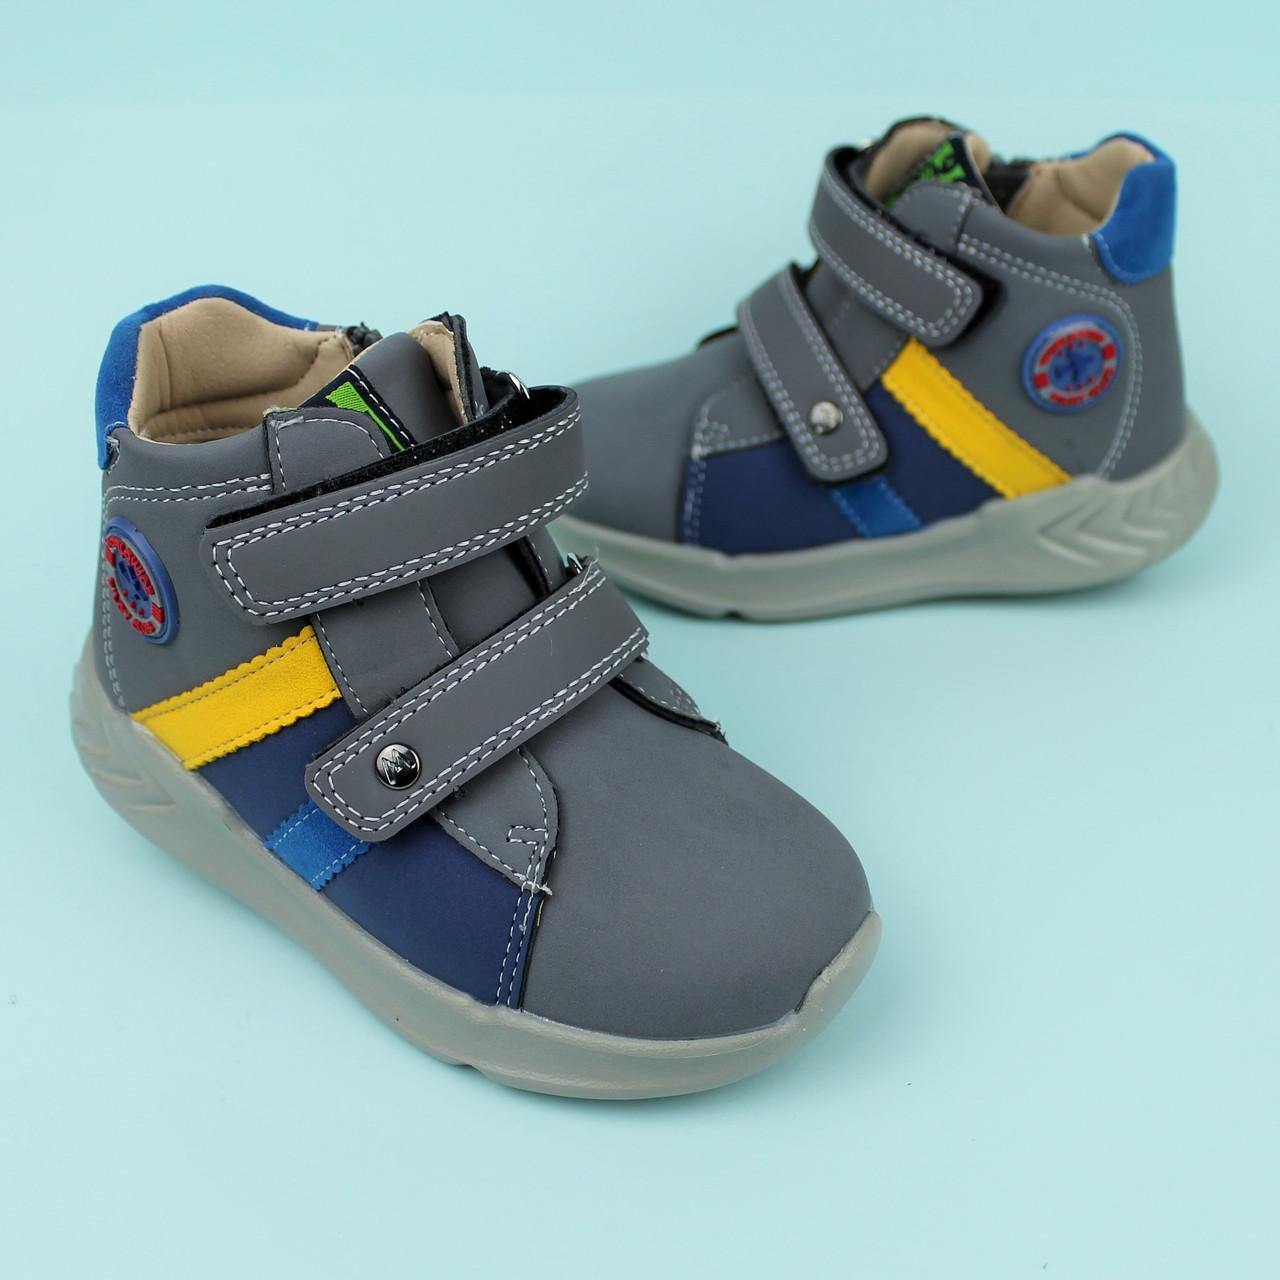 Детские ботинки на мальчика, демисезонная обувь тм Tom.m размер 23,24